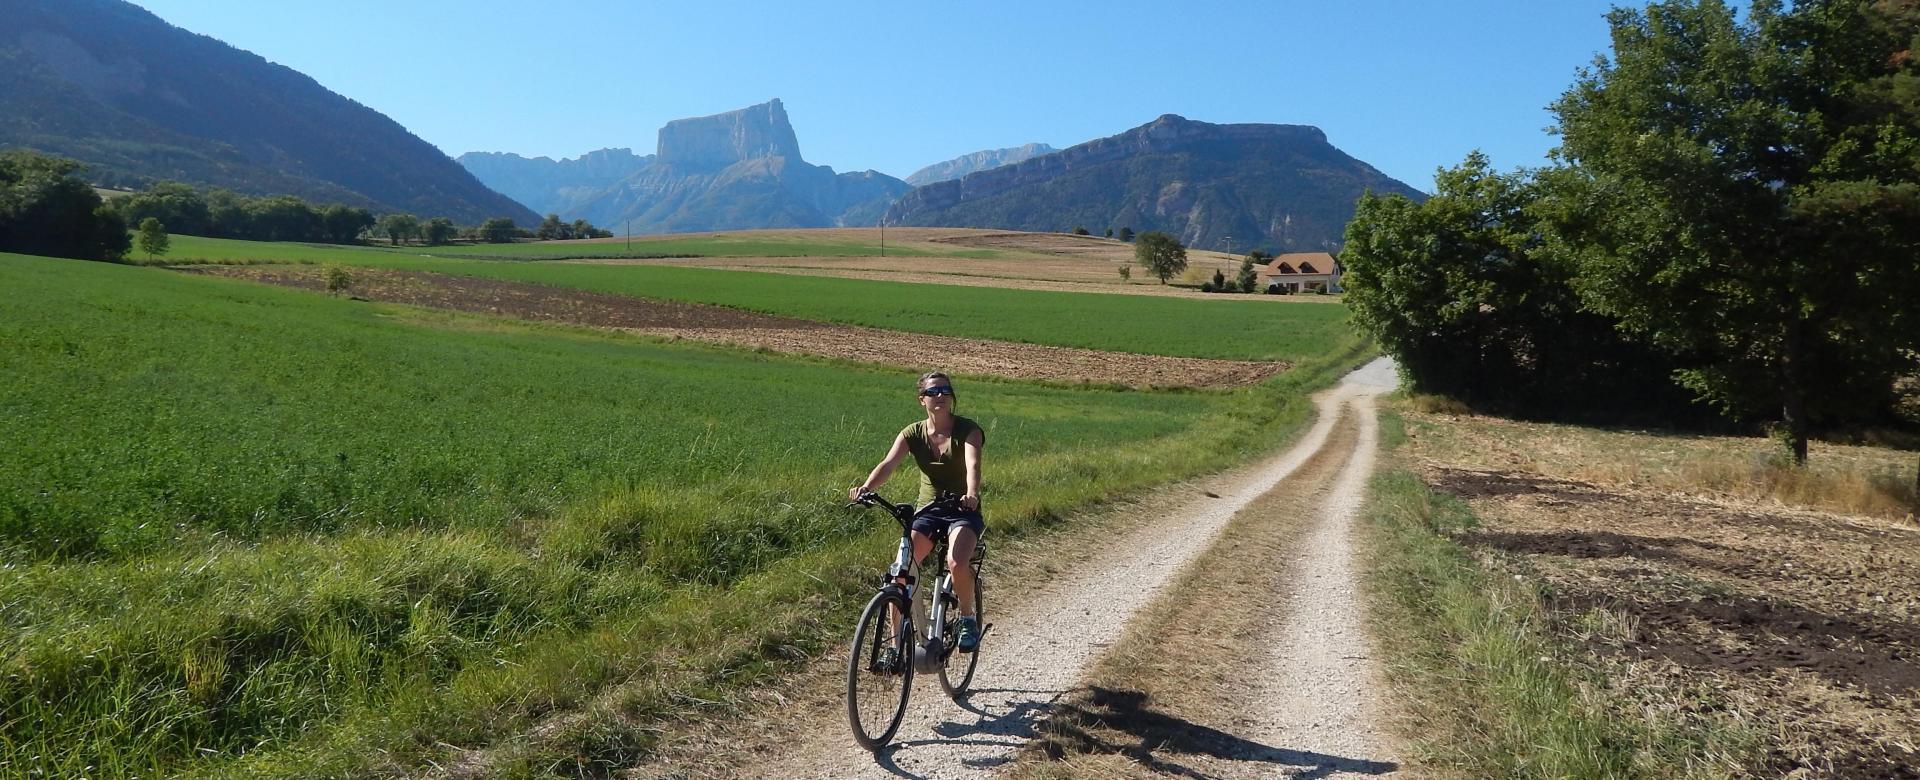 Voyage à vélo : Alpes du Nord : Vercors, trièves et lac du monteynard à vélo